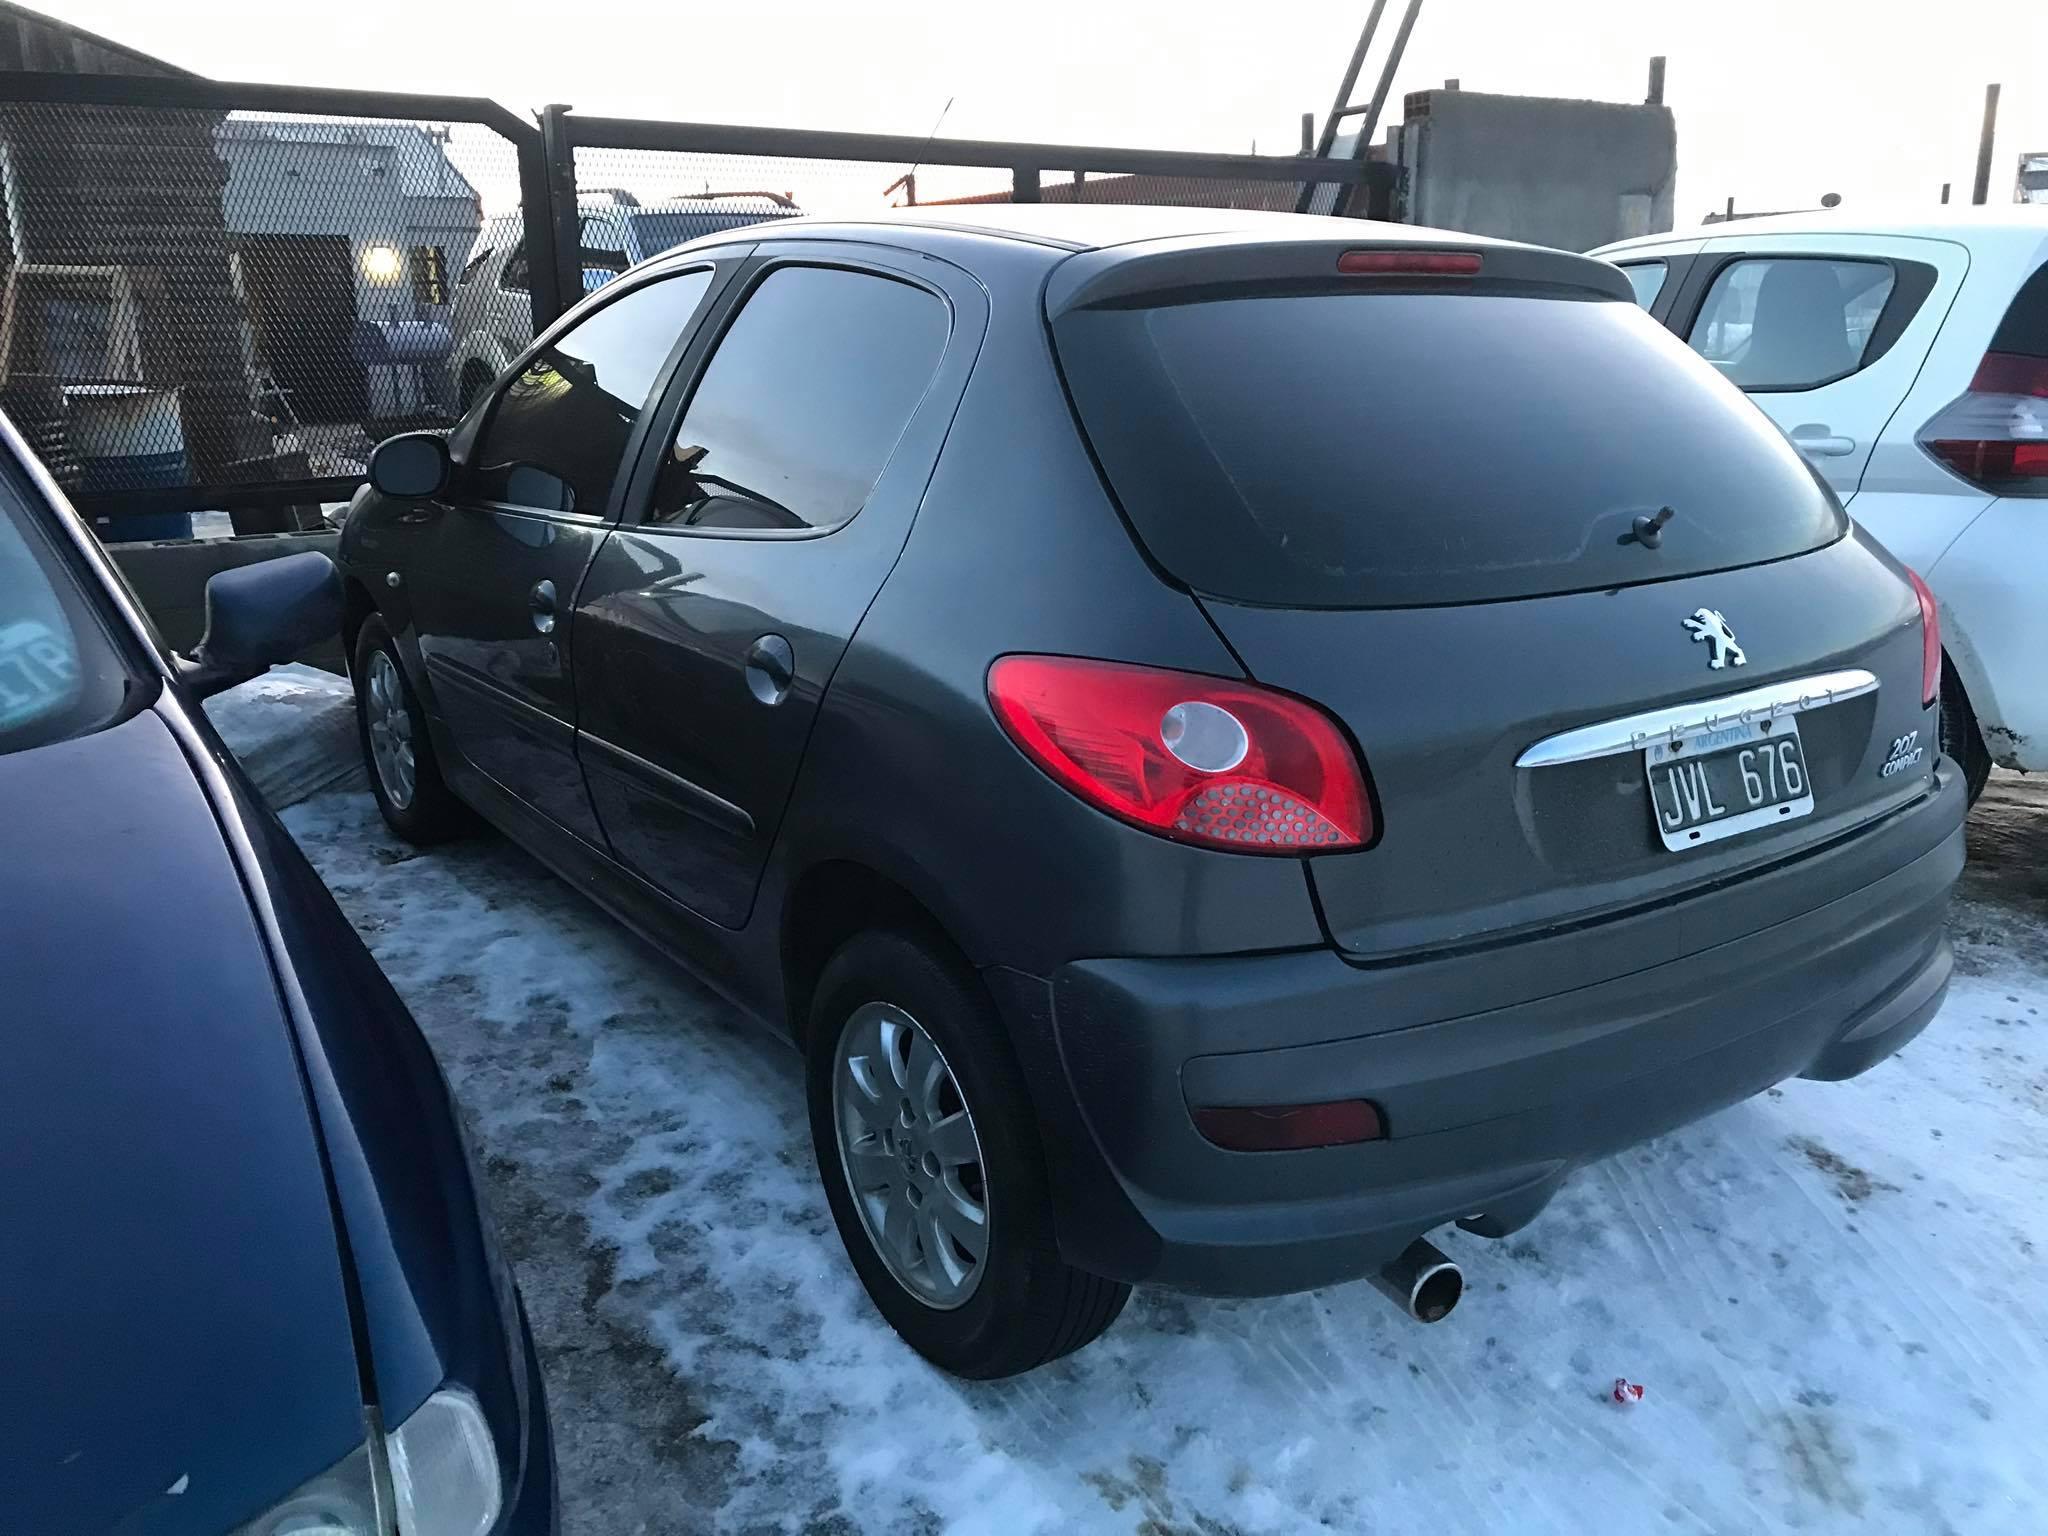 Peugeot 207 Compact – Modelo 2011